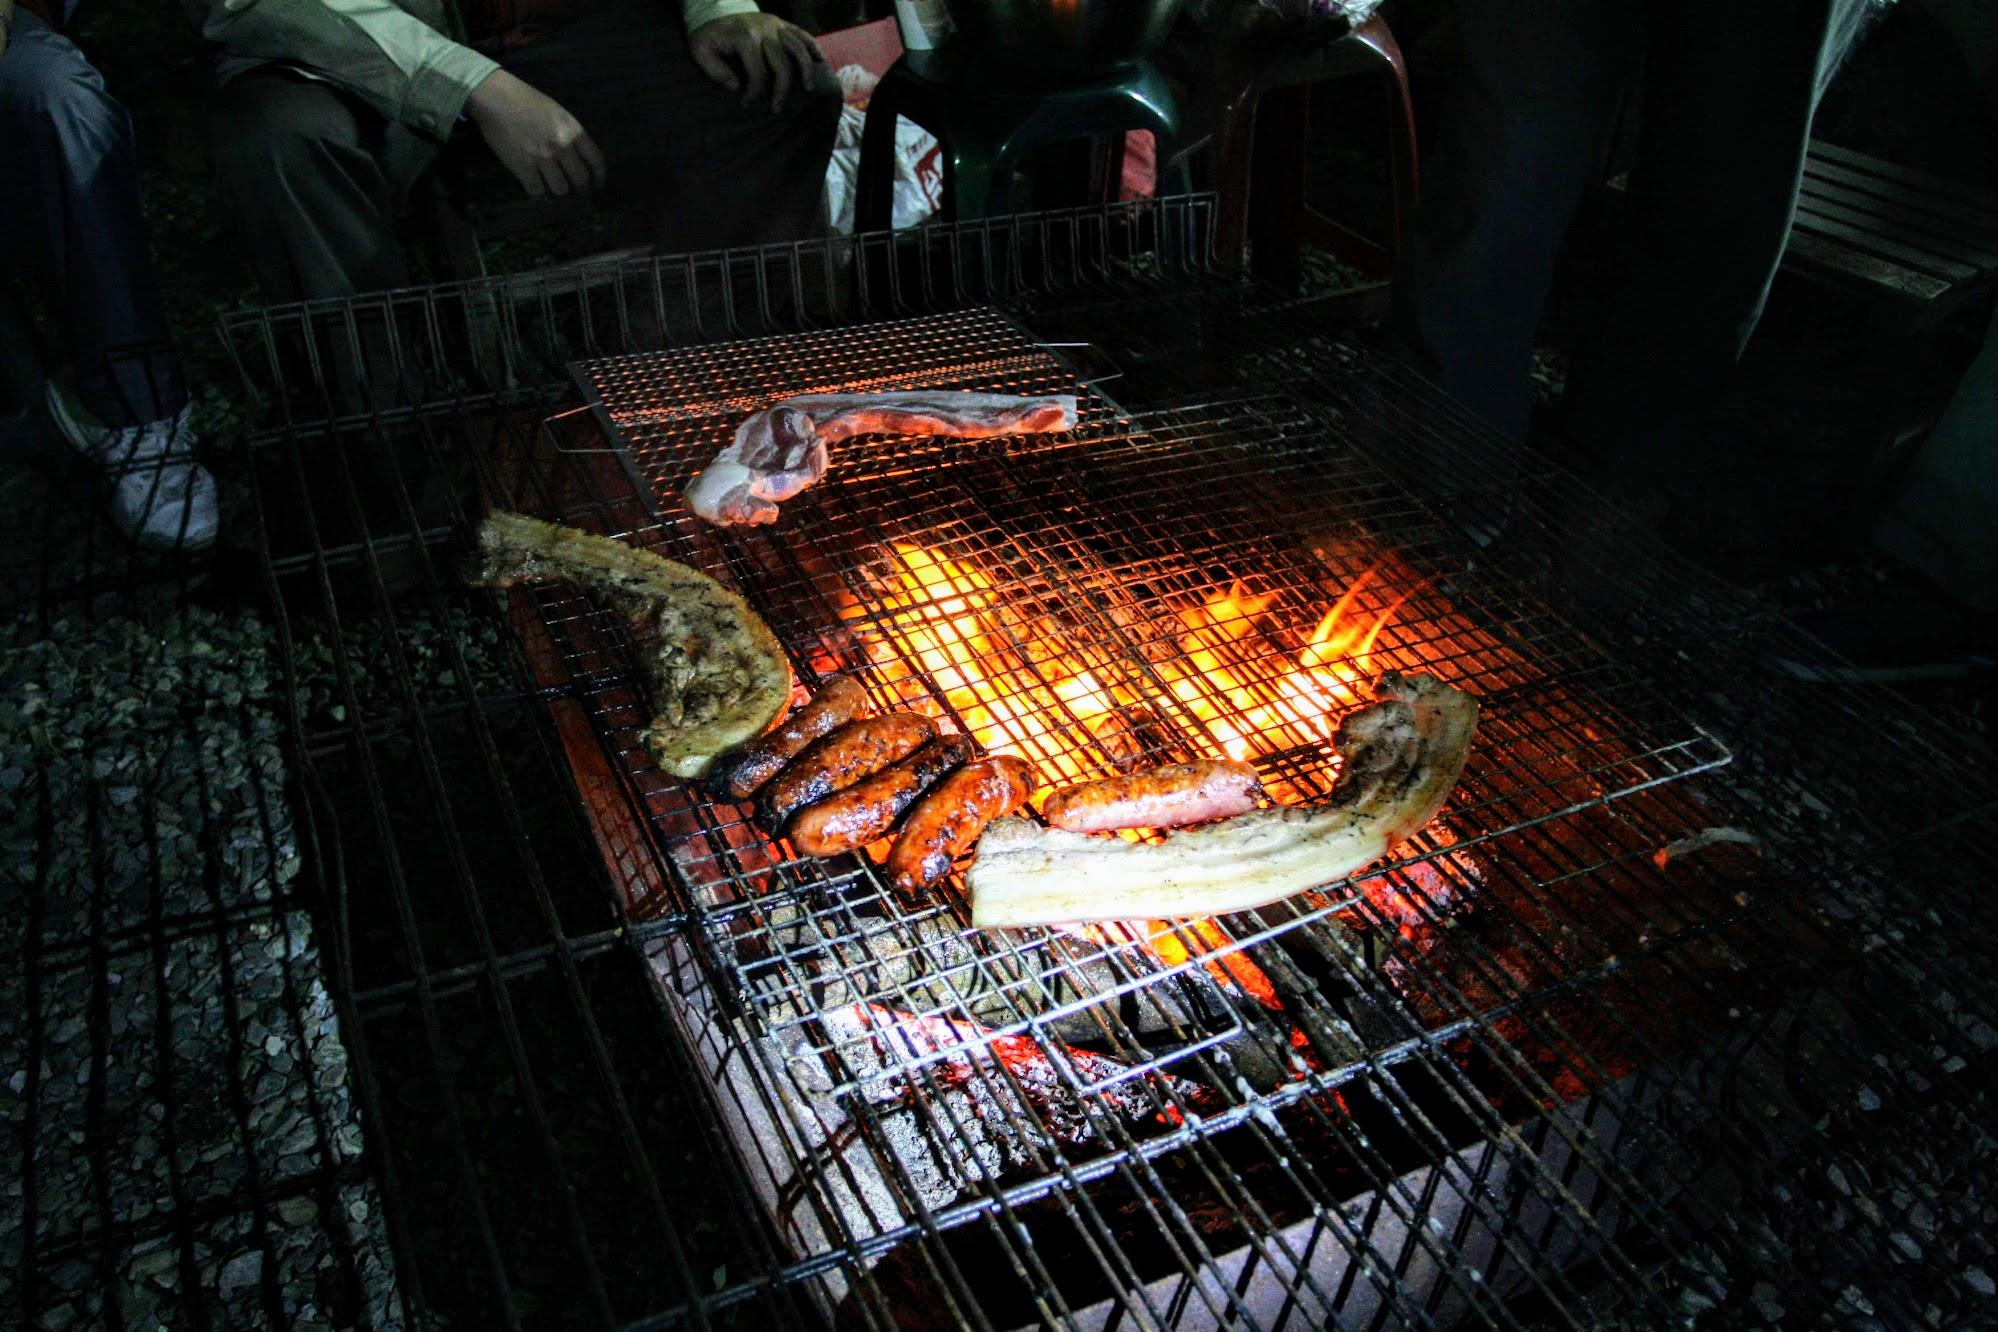 趁著爐火溫度逐漸降溫開始烤肉烤香腸...太旺的火烤起來外焦內不熟,現在則是剛好的火候! 是不是,這才是正港的風味!!!!